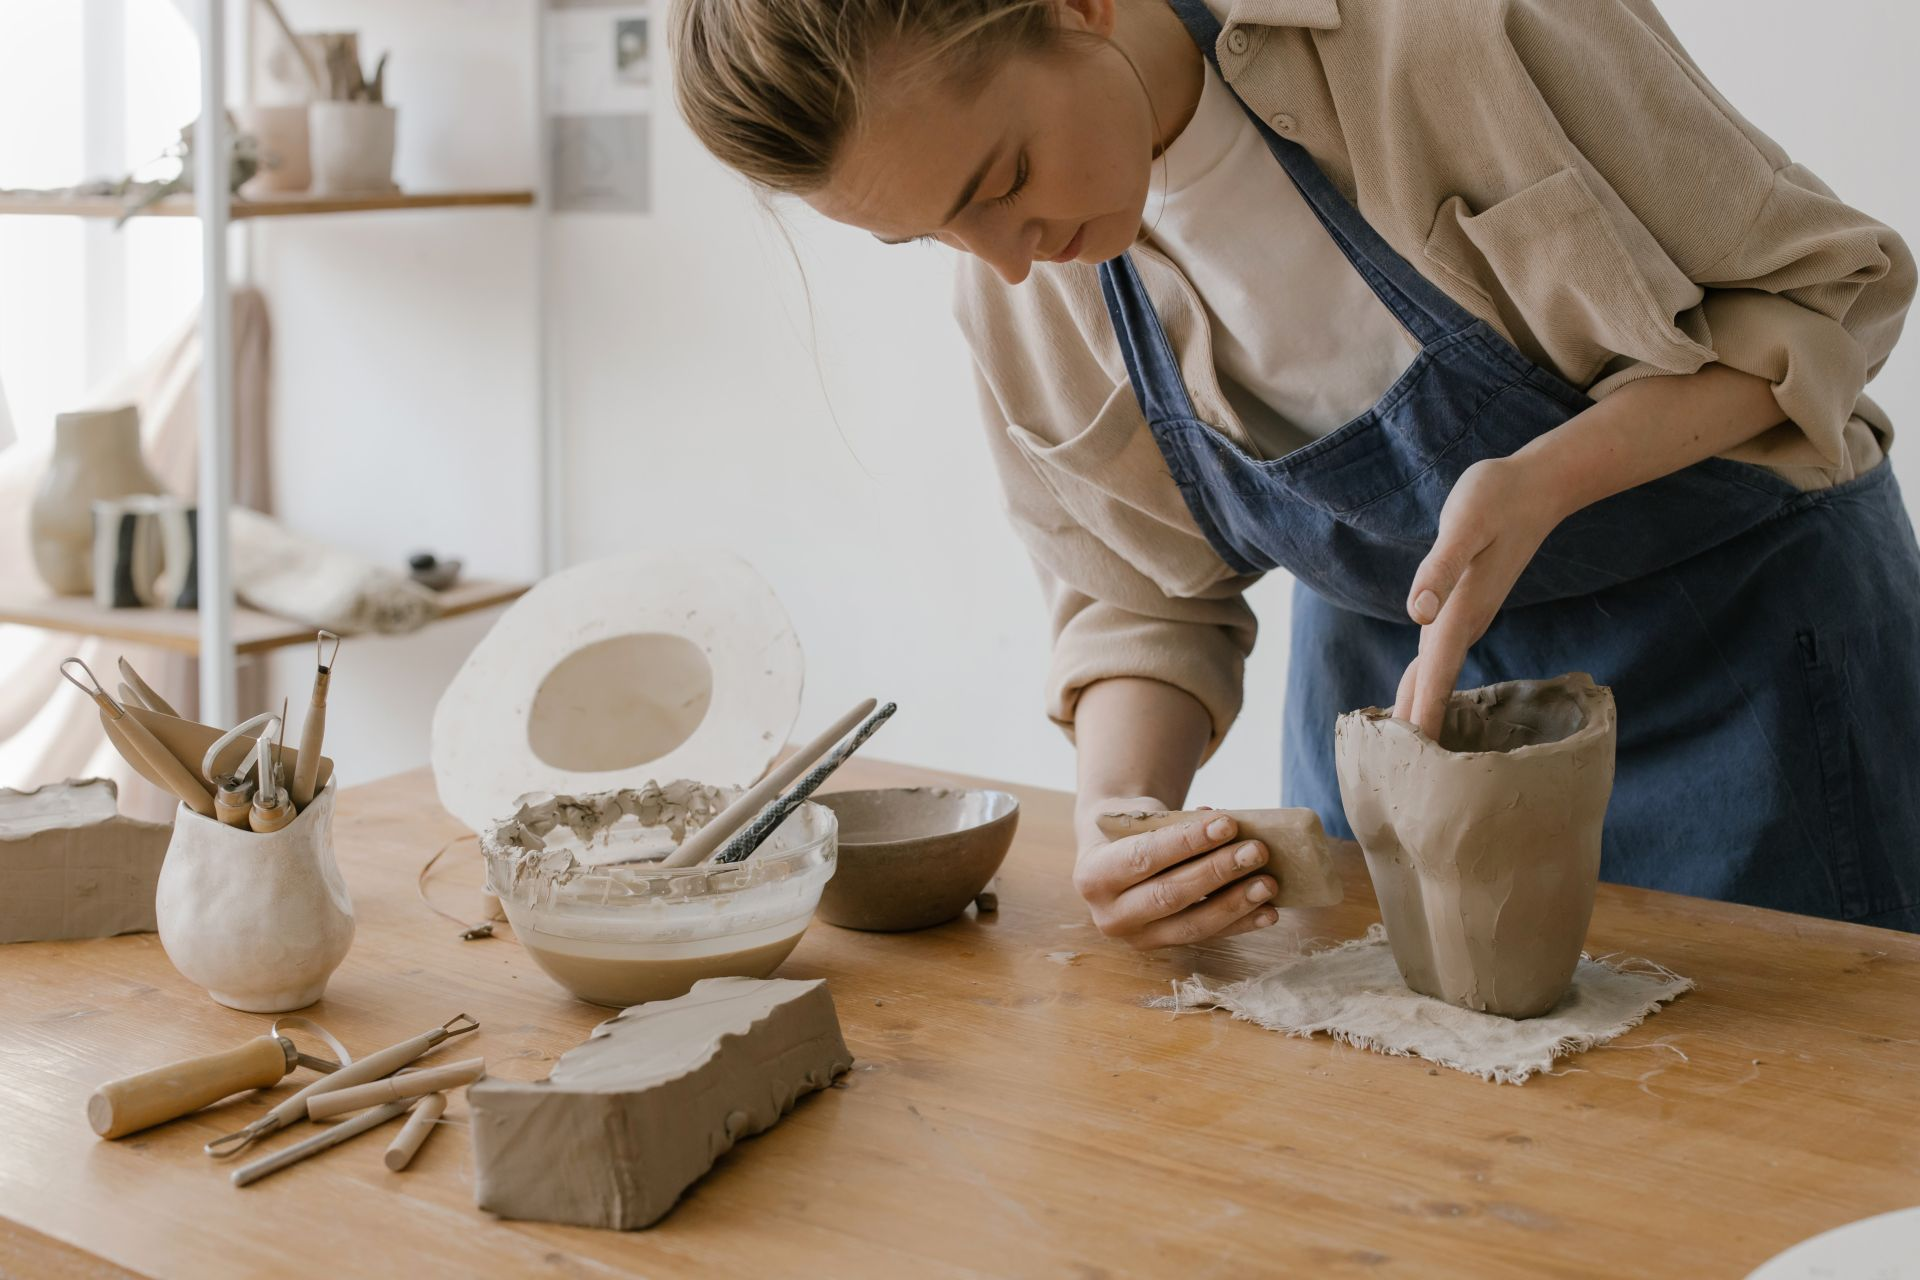 Sculpture Workshop (Intermediate/ Advanced)